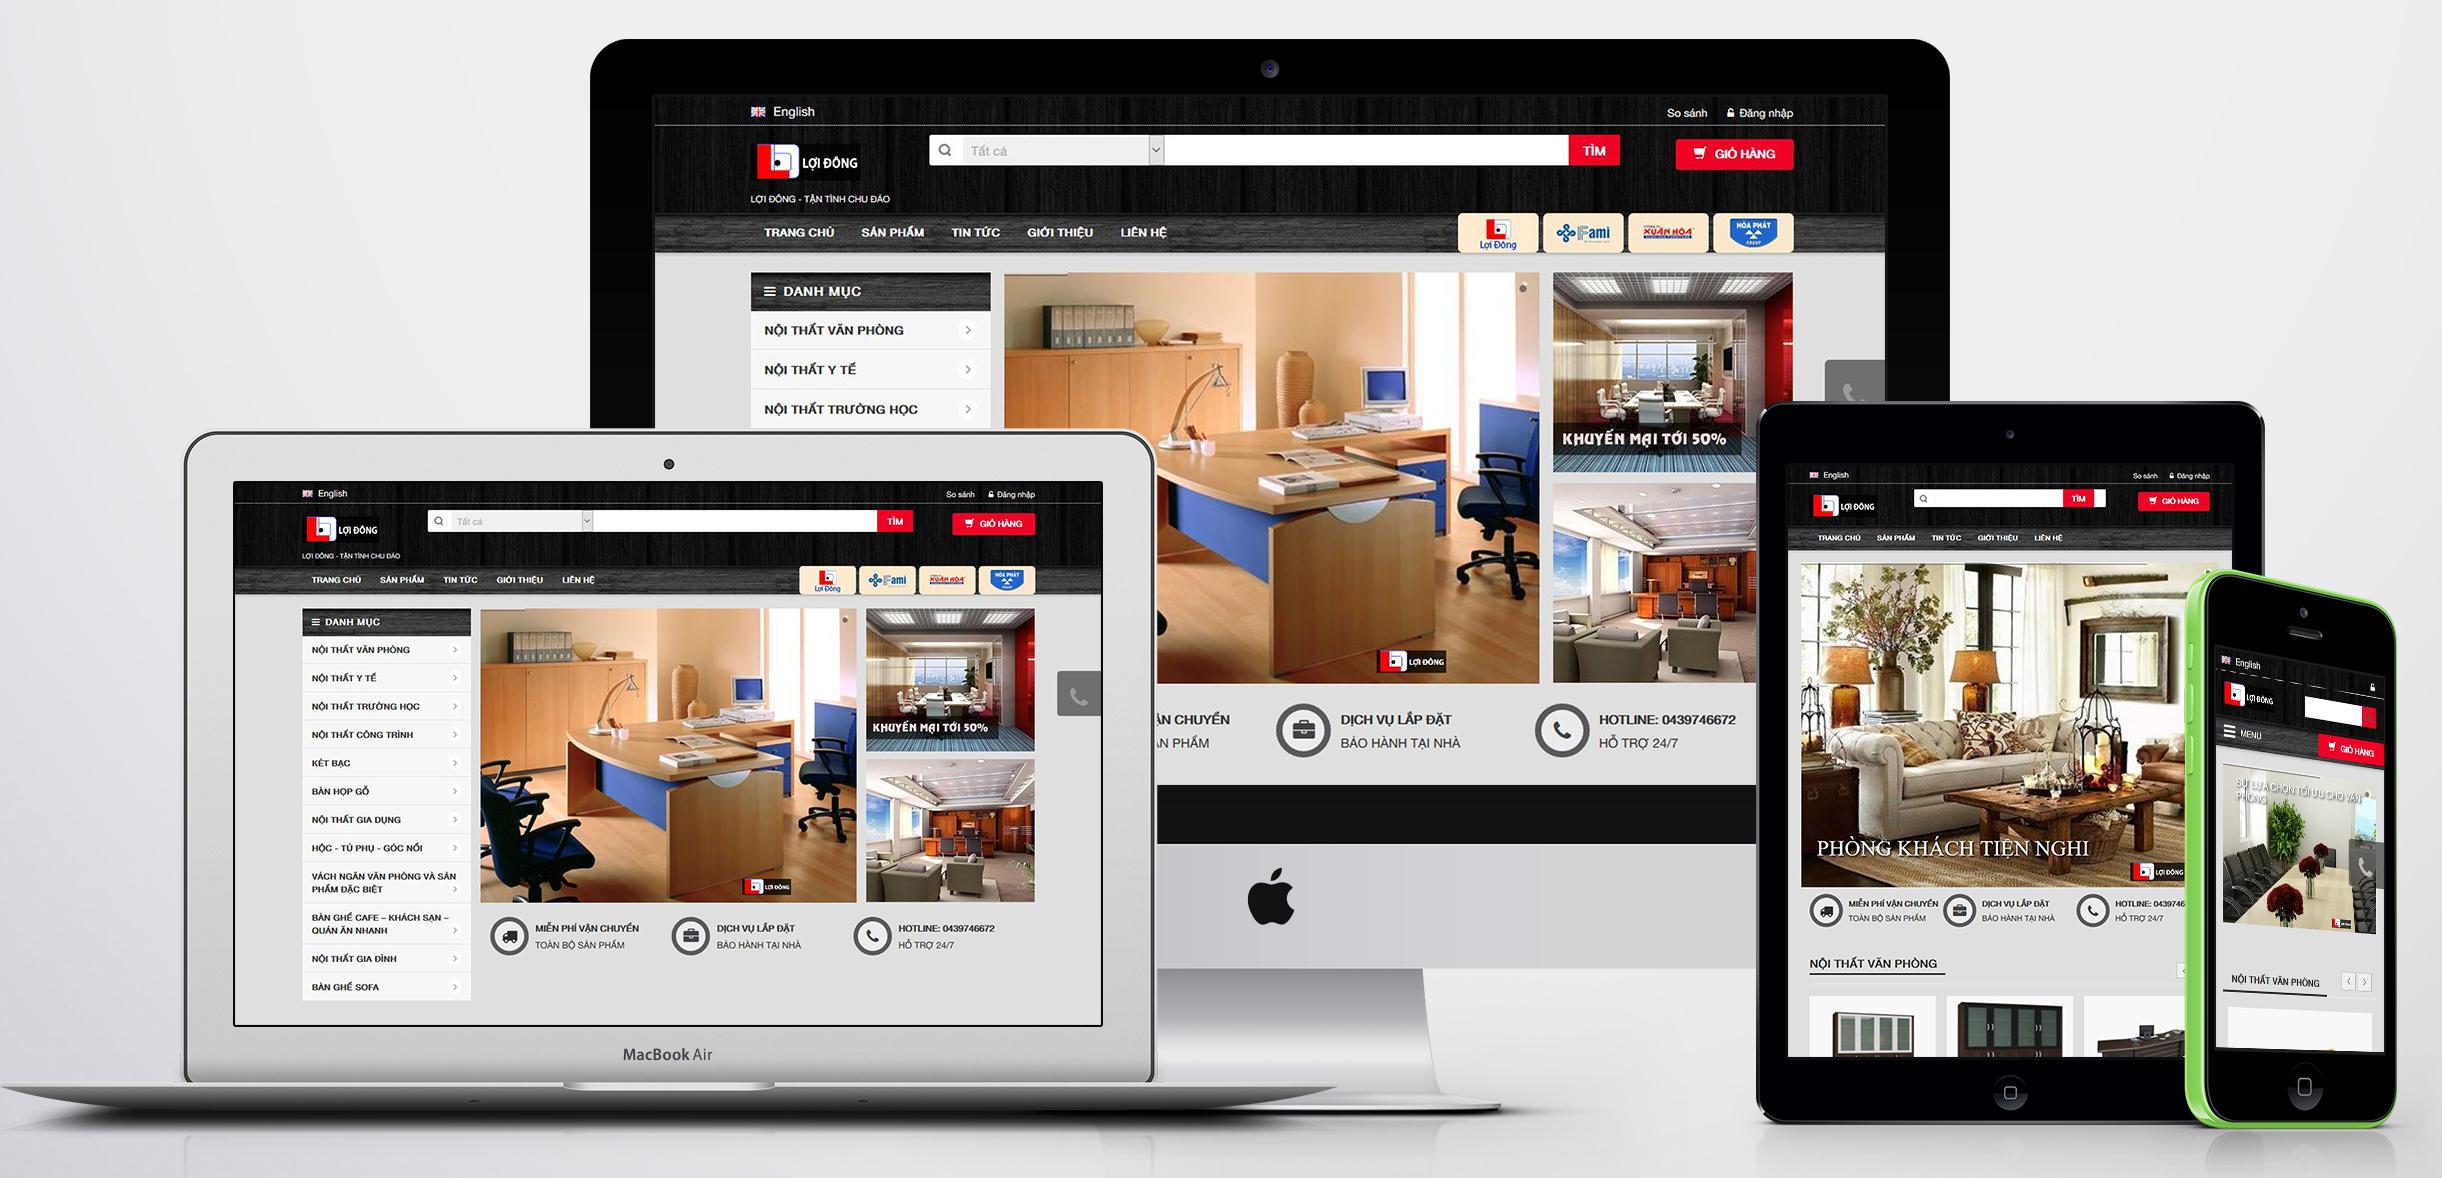 thiết kế website bán hàng nội thất công ty lợi đông